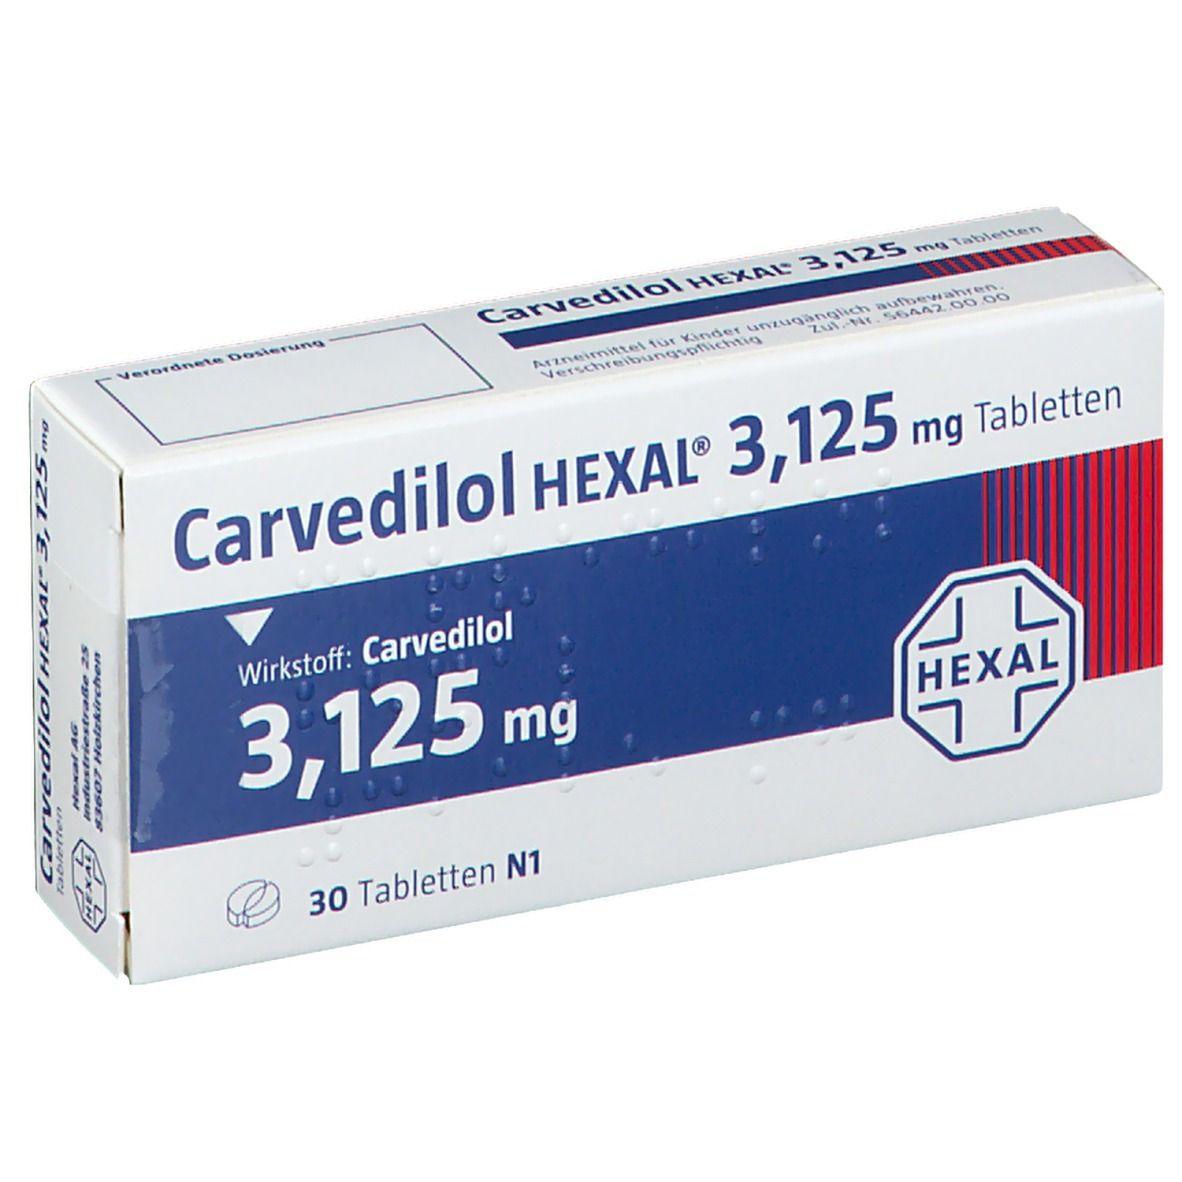 Carvedilol HEXAL® 3,125 mg Tabletten